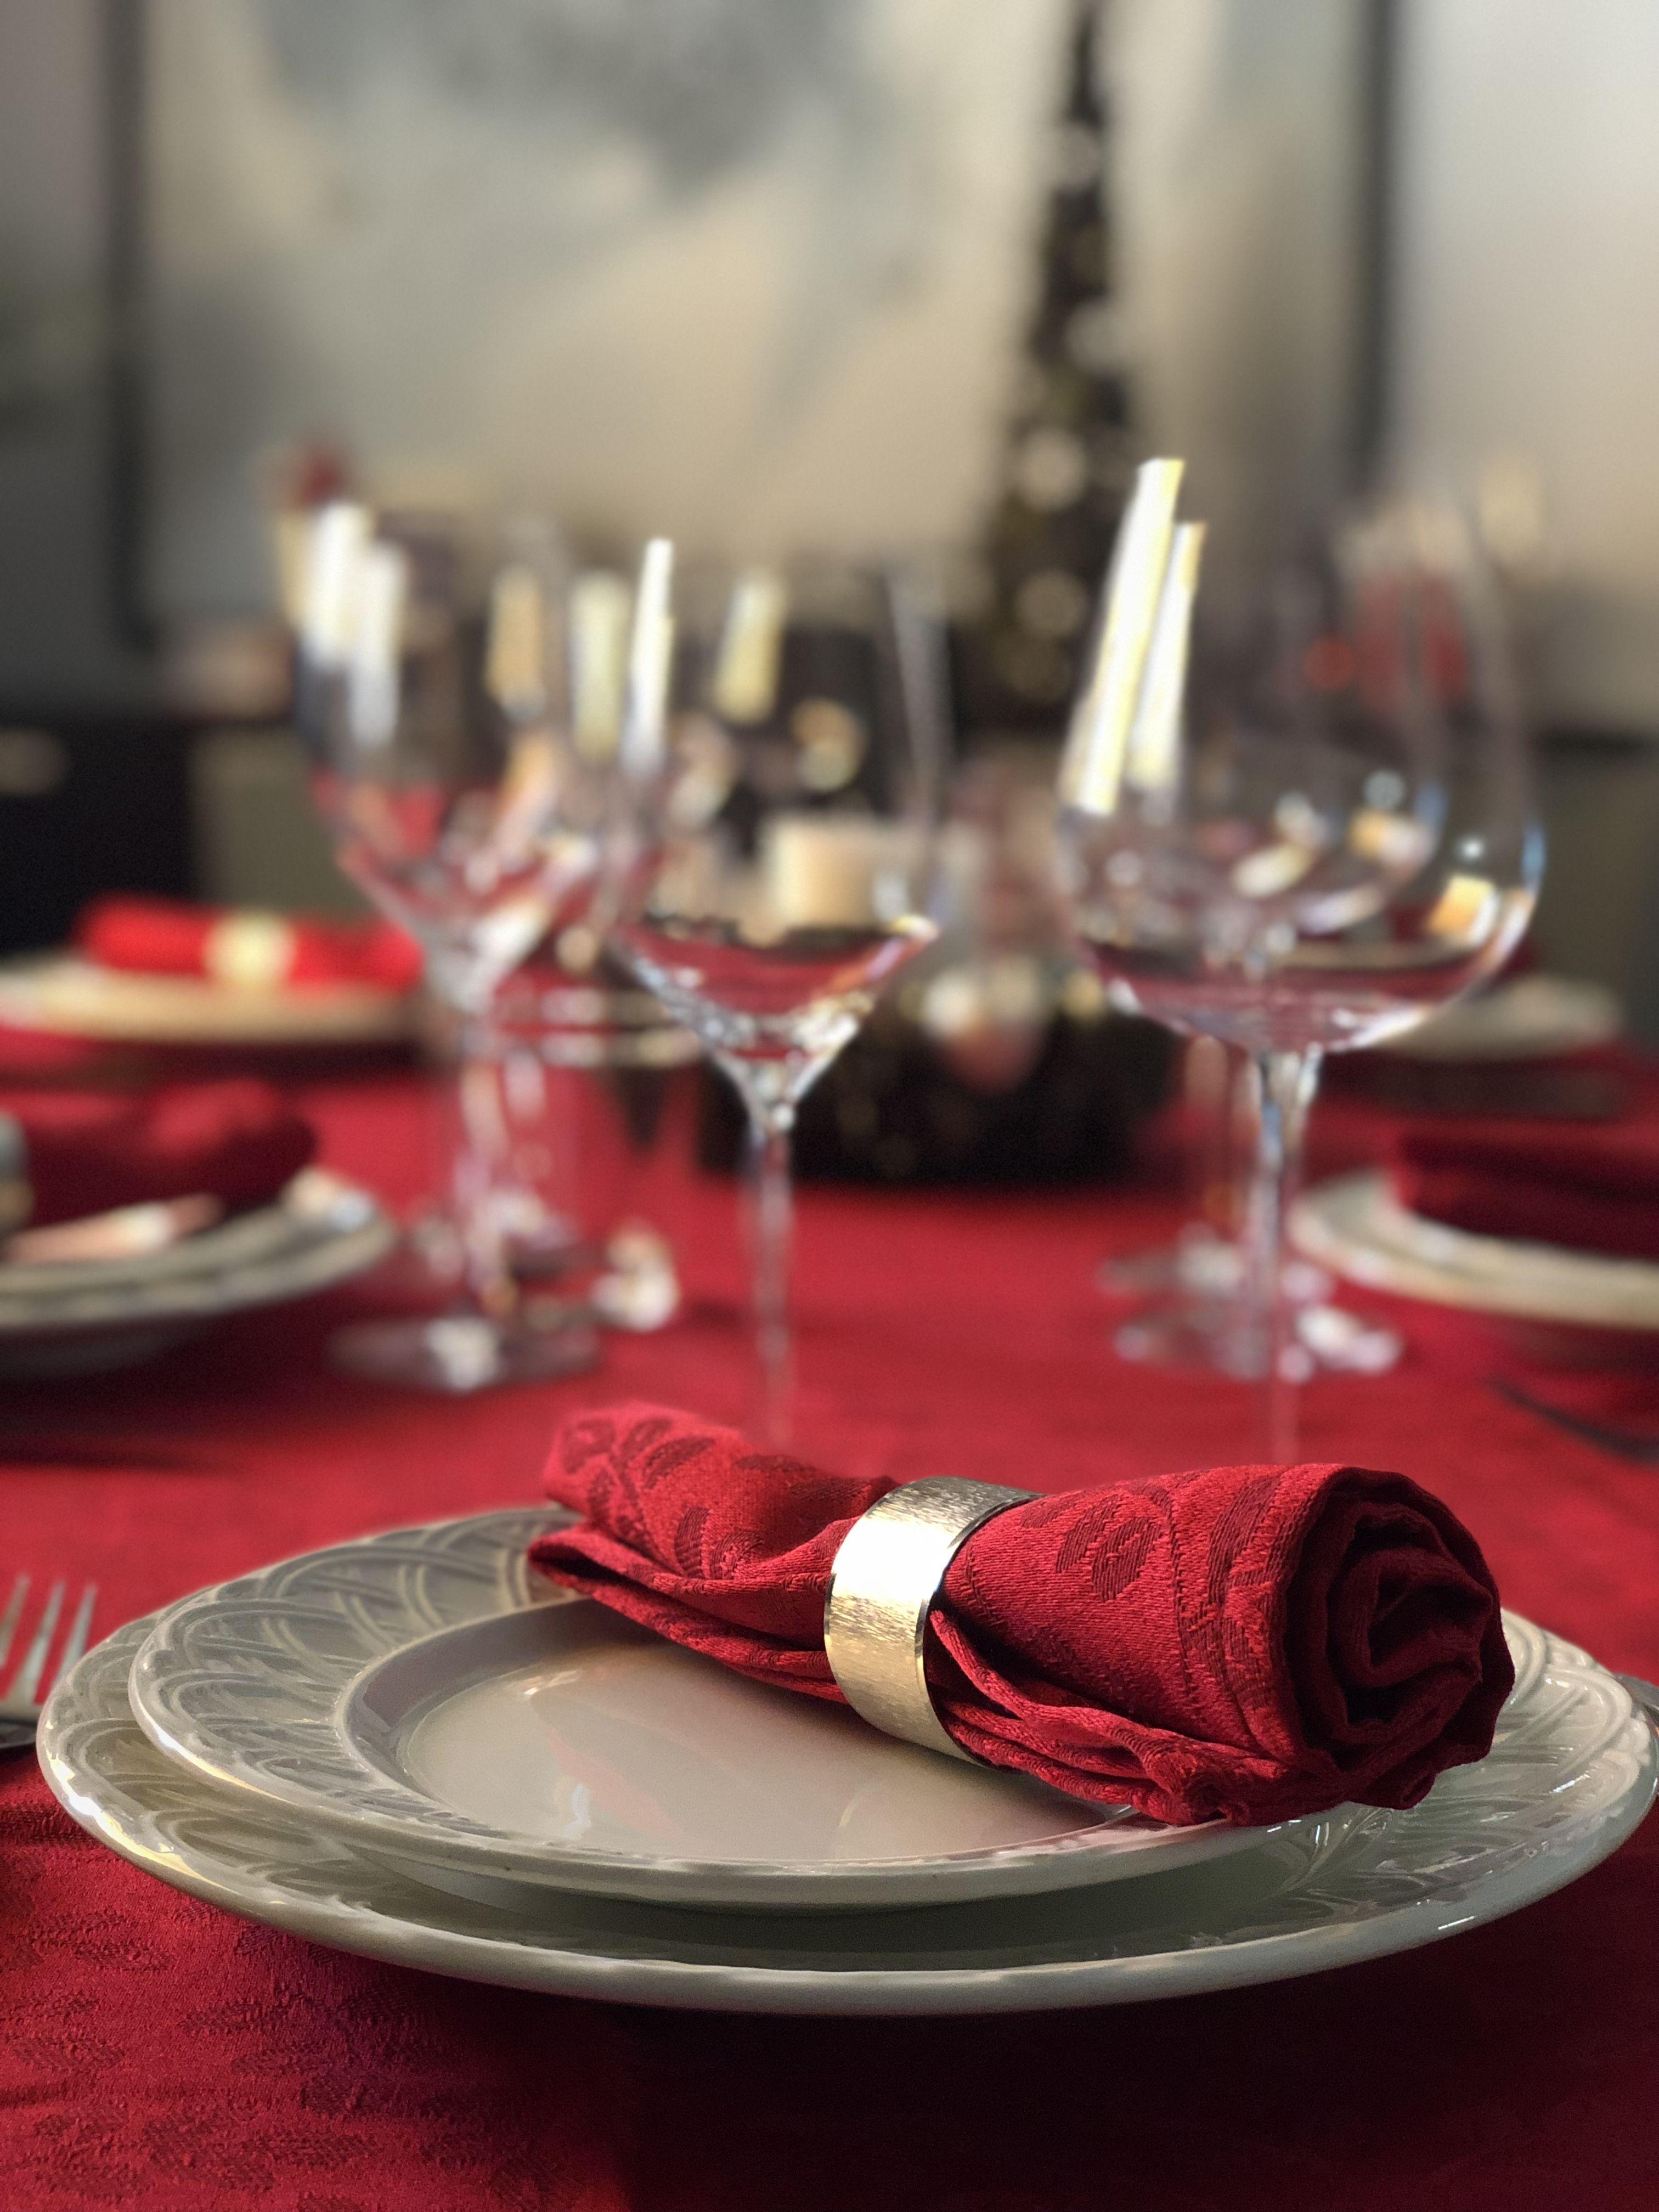 Manteles De Navidad El Corte Ingles Zwdg Mesa De Navidad Detalles Rojos Mantel Y Servilletas El Corte